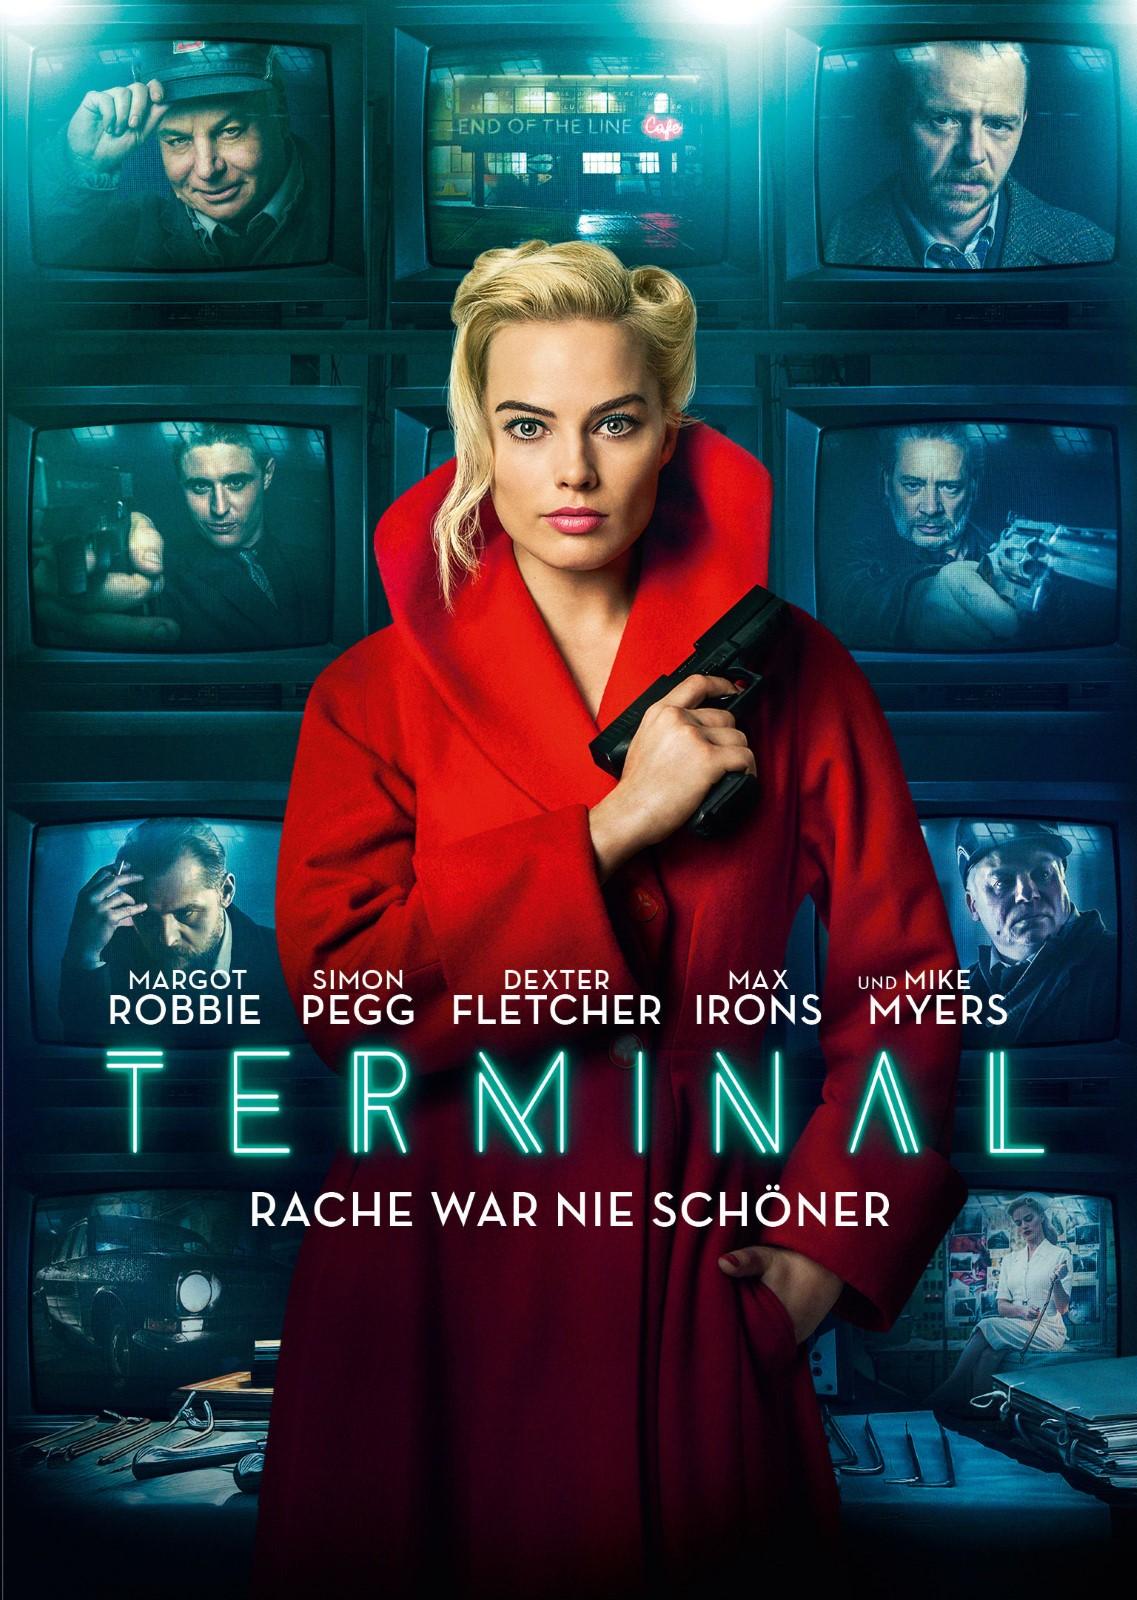 Terminal - Rache war nie schöner - Die Filmstarts-Kritik